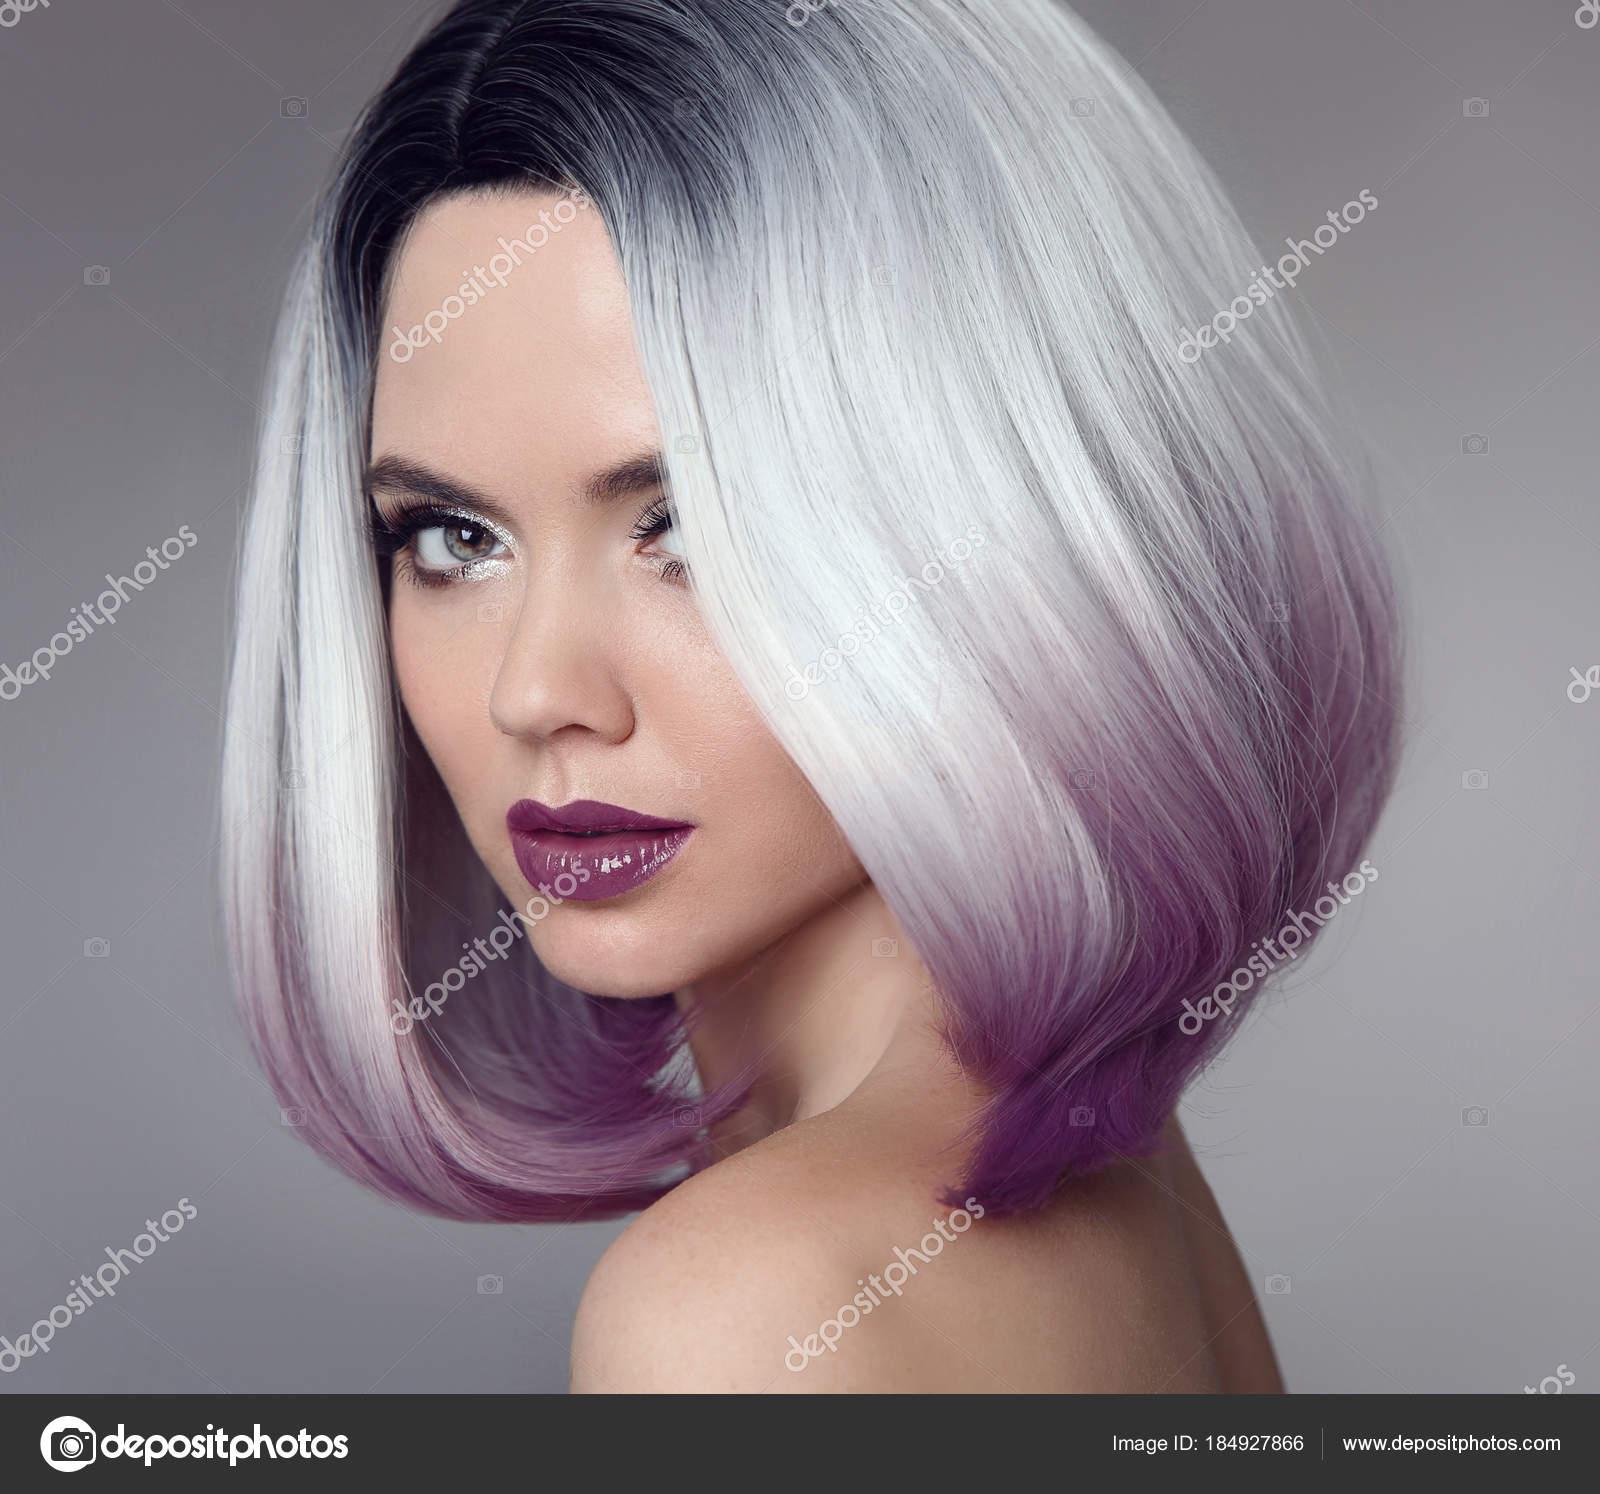 El pelo corto es hermoso